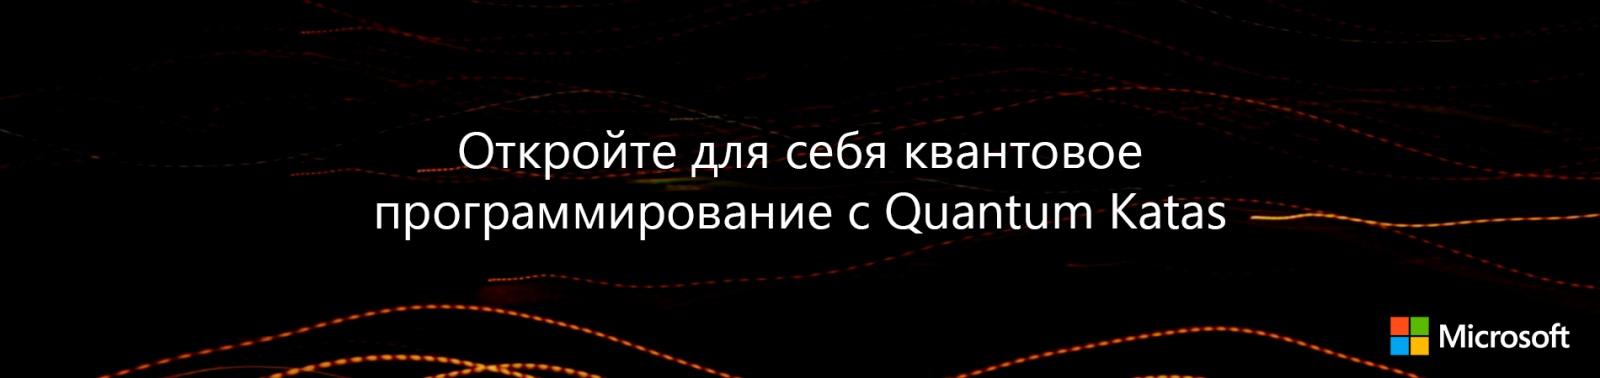 Откройте для себя квантовое программирование с Quantum Katas - 1